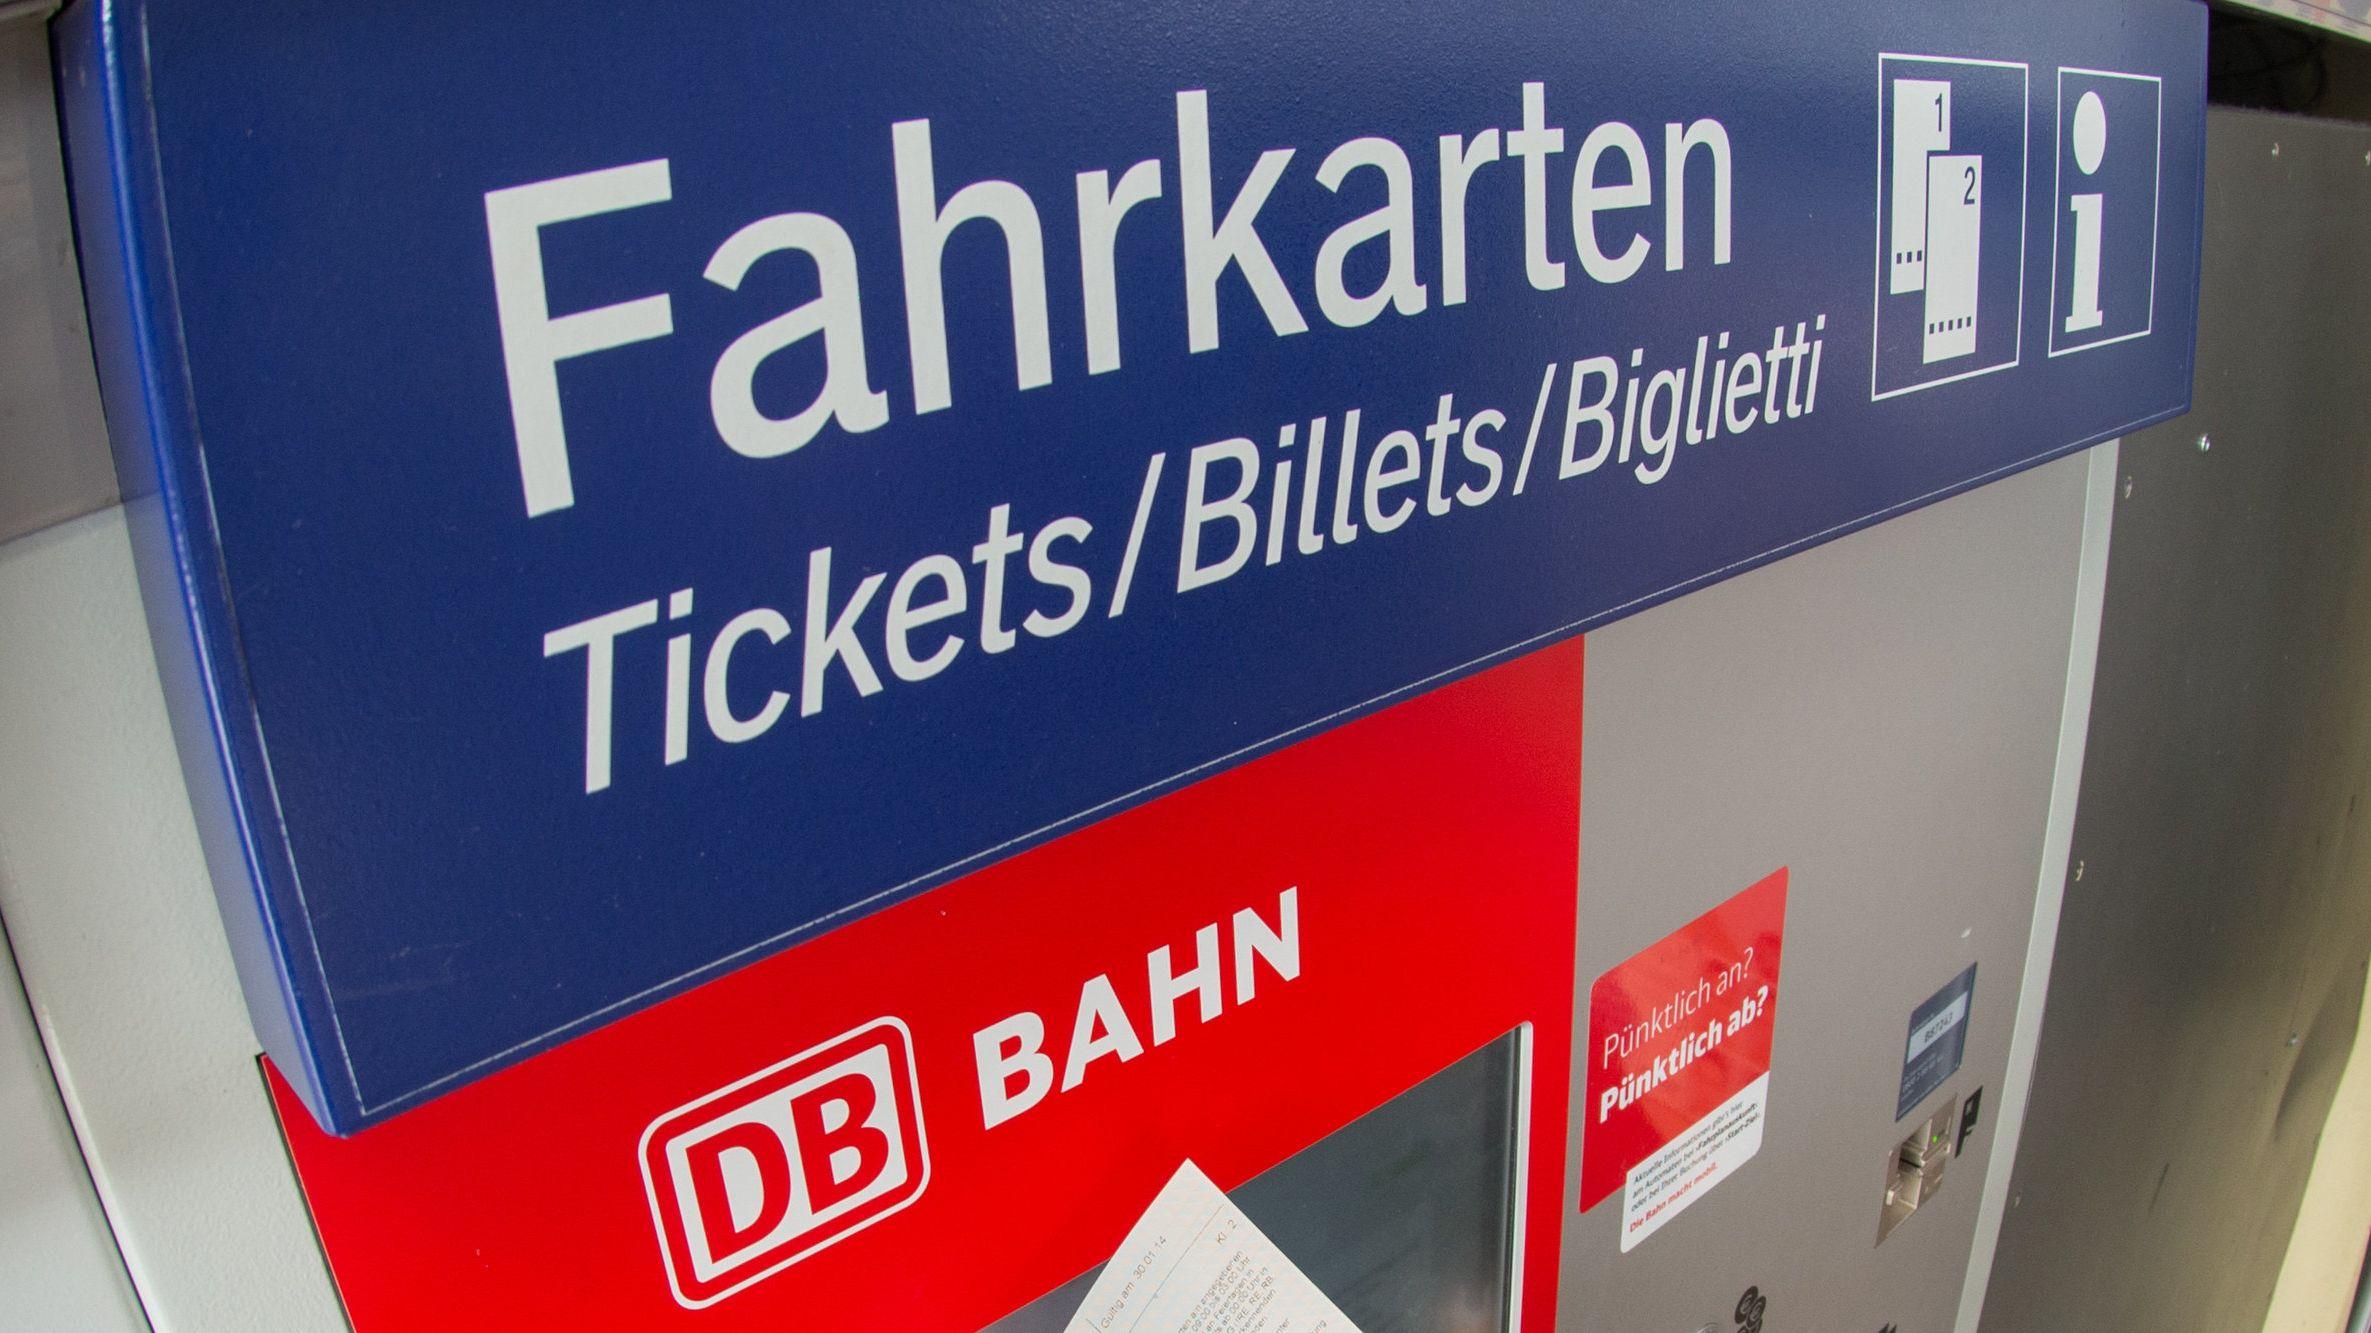 Schüler und Azubis sollen laut Söder und Reichart noch dieses Jahr öffentliche Verkehrsmittel mit dem 365-Euro-Jahresticket nutzen können.